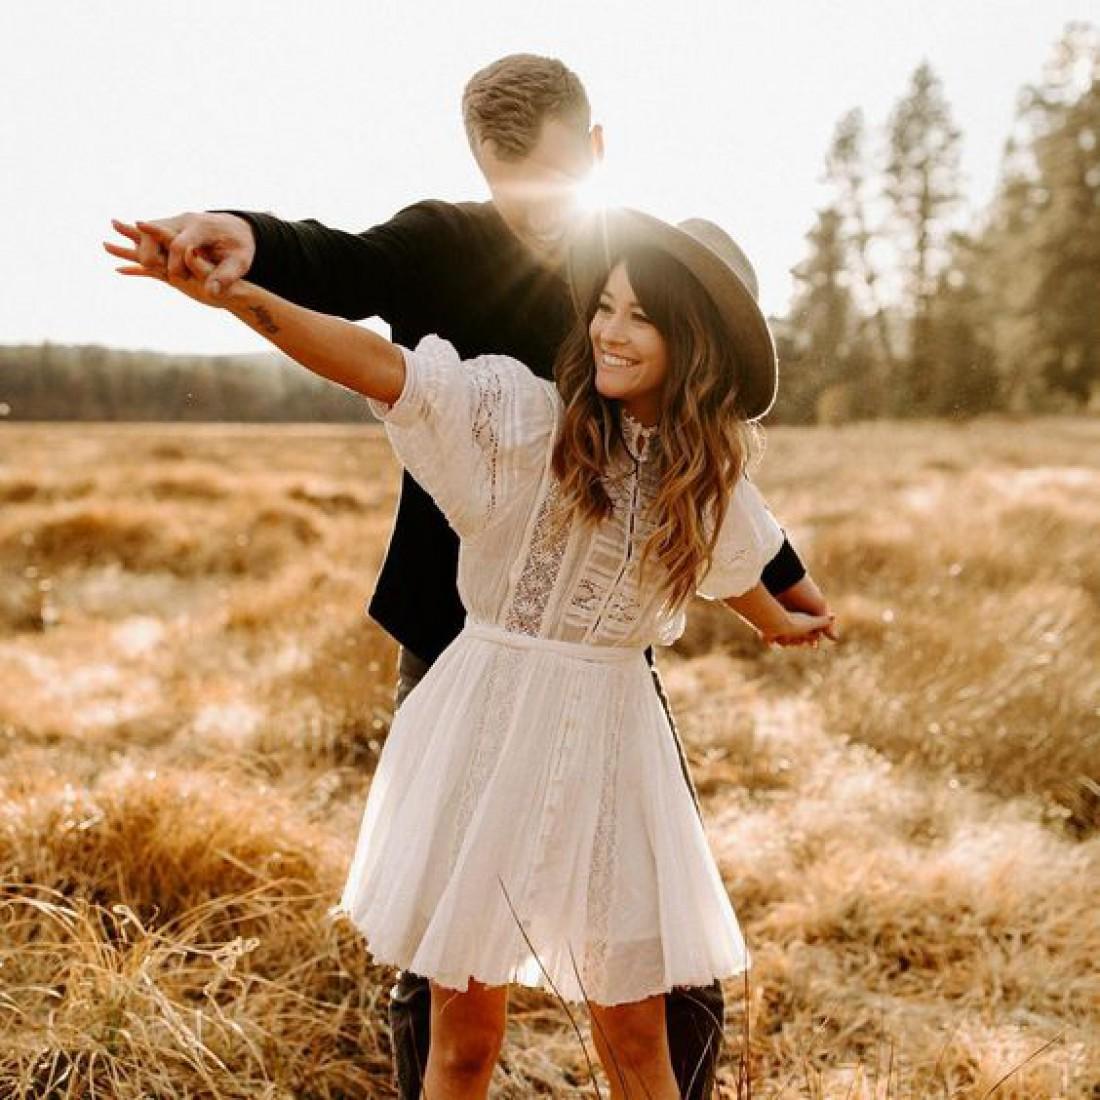 ТОП-6 мужских привычек, из-за которых рушатся отношения